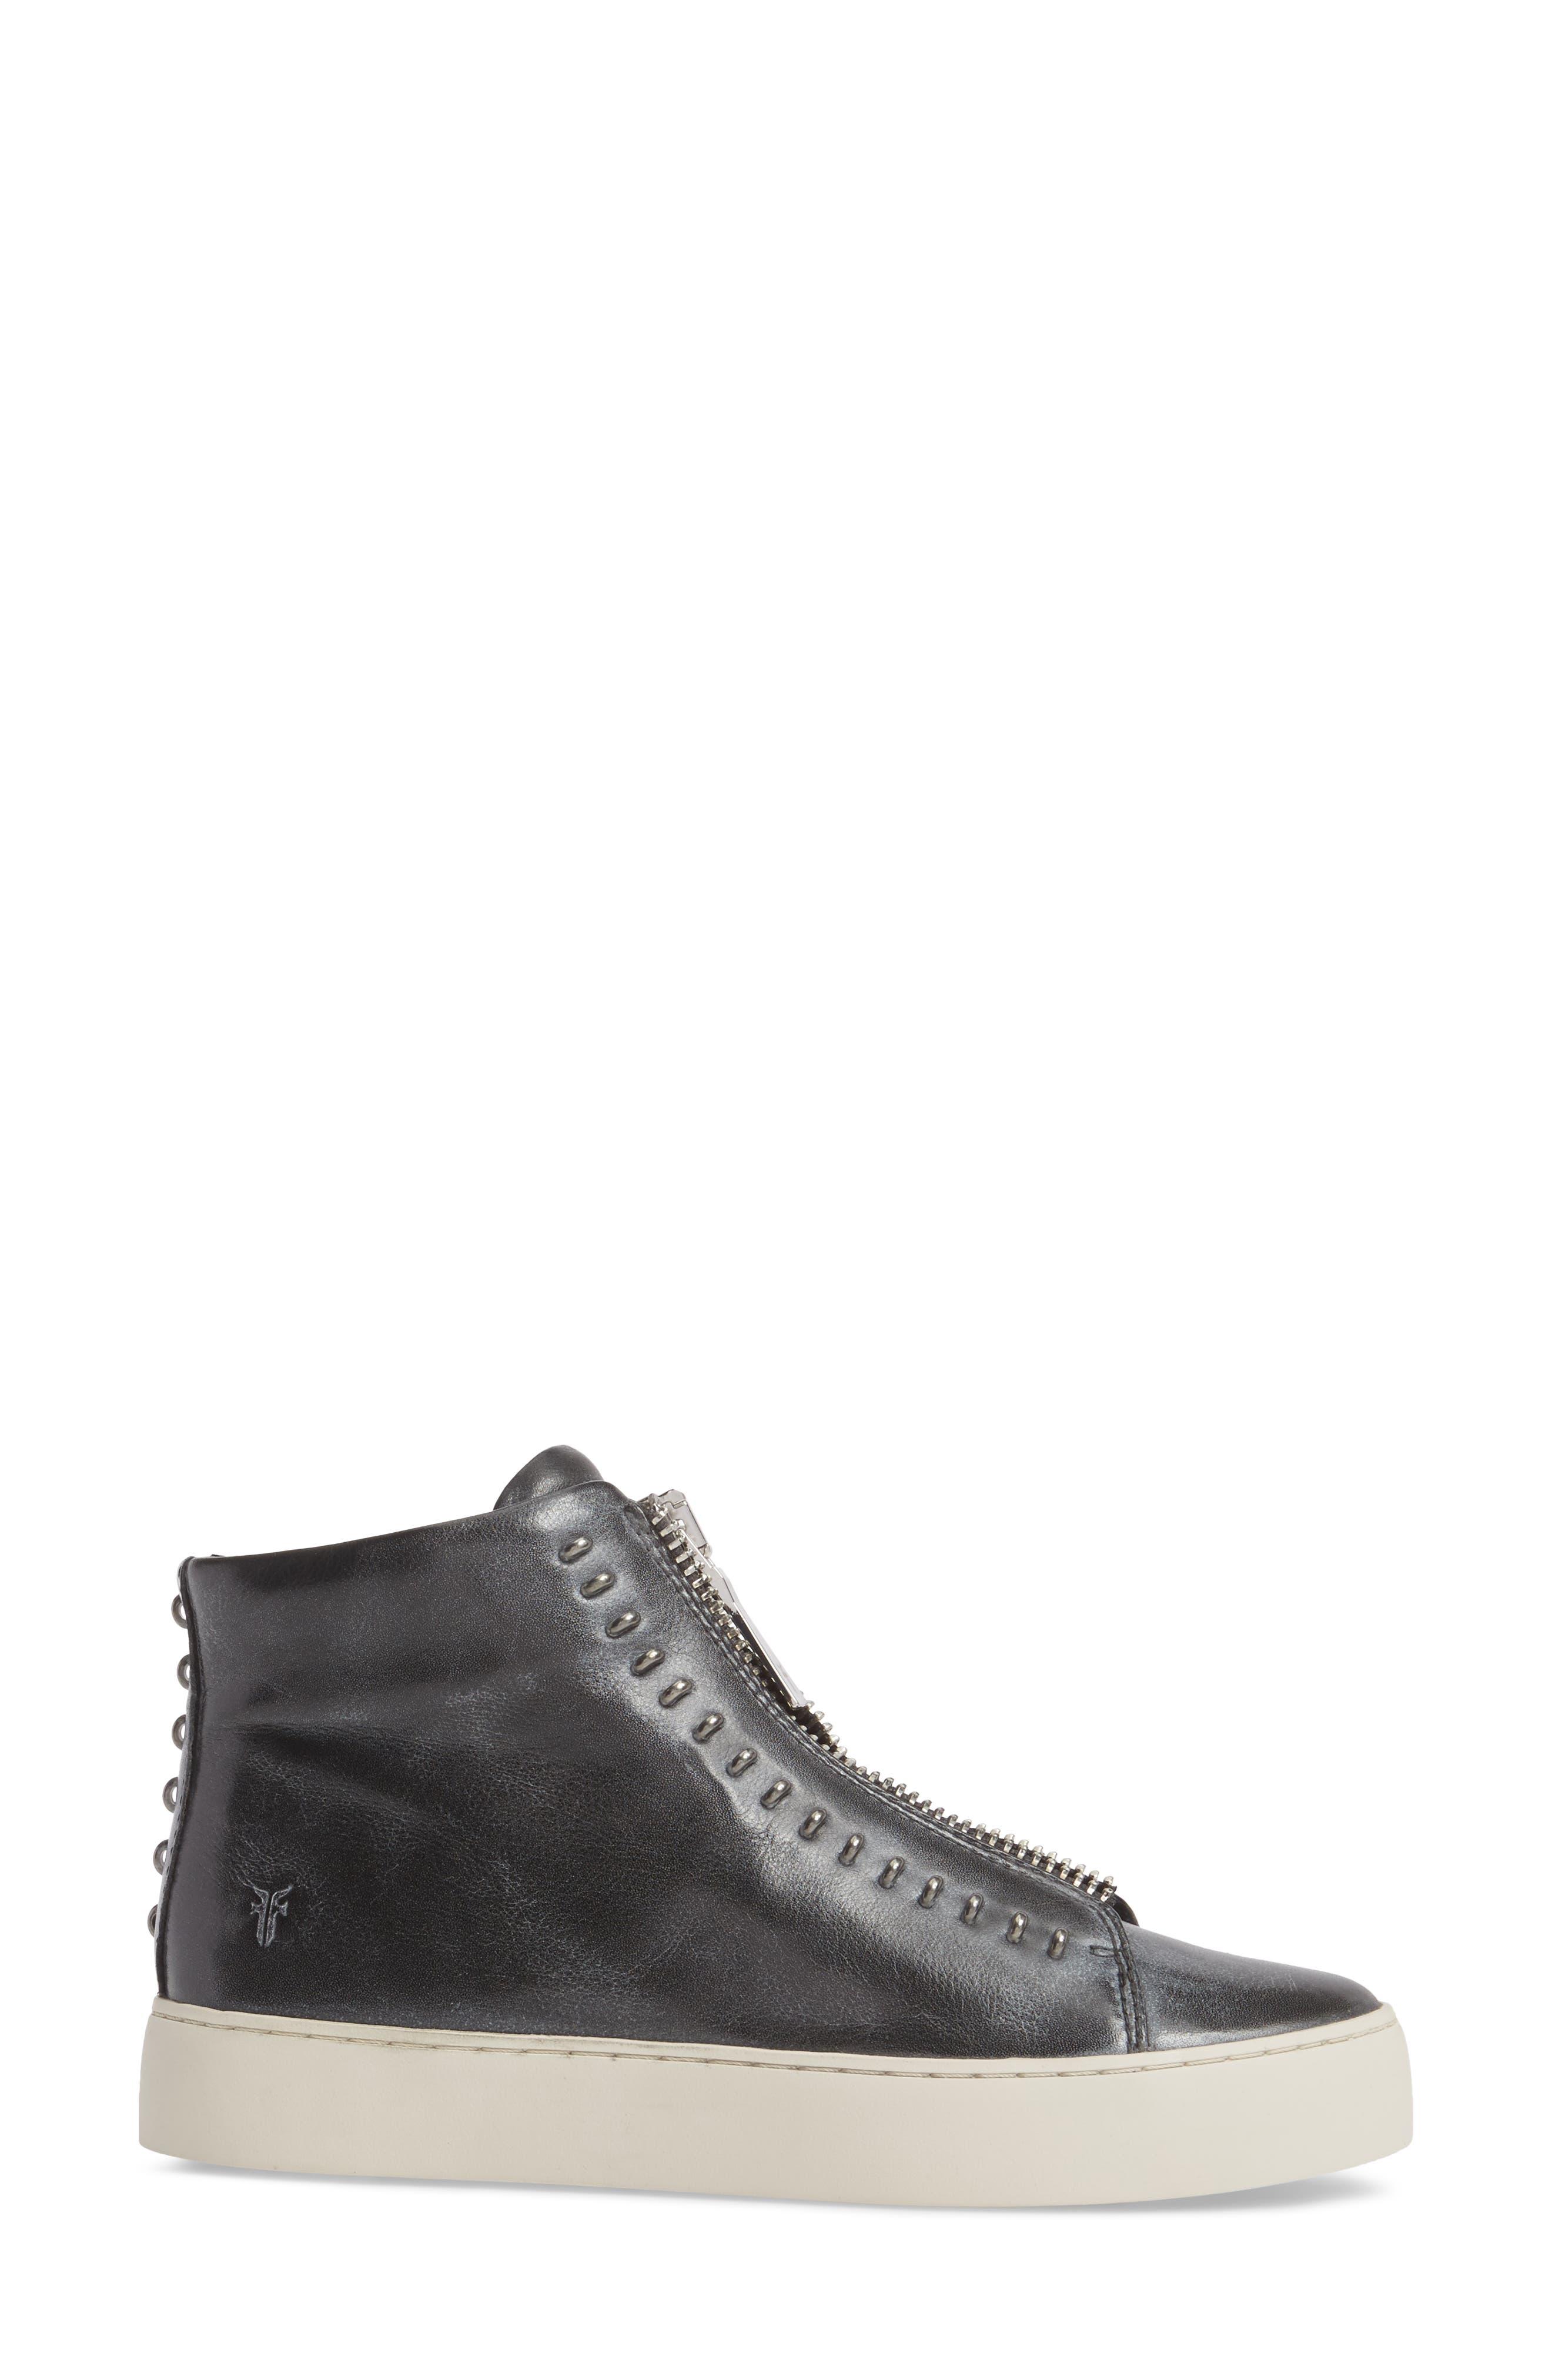 Lena Rebel Zip High Top Sneaker,                             Alternate thumbnail 3, color,                             BLACK